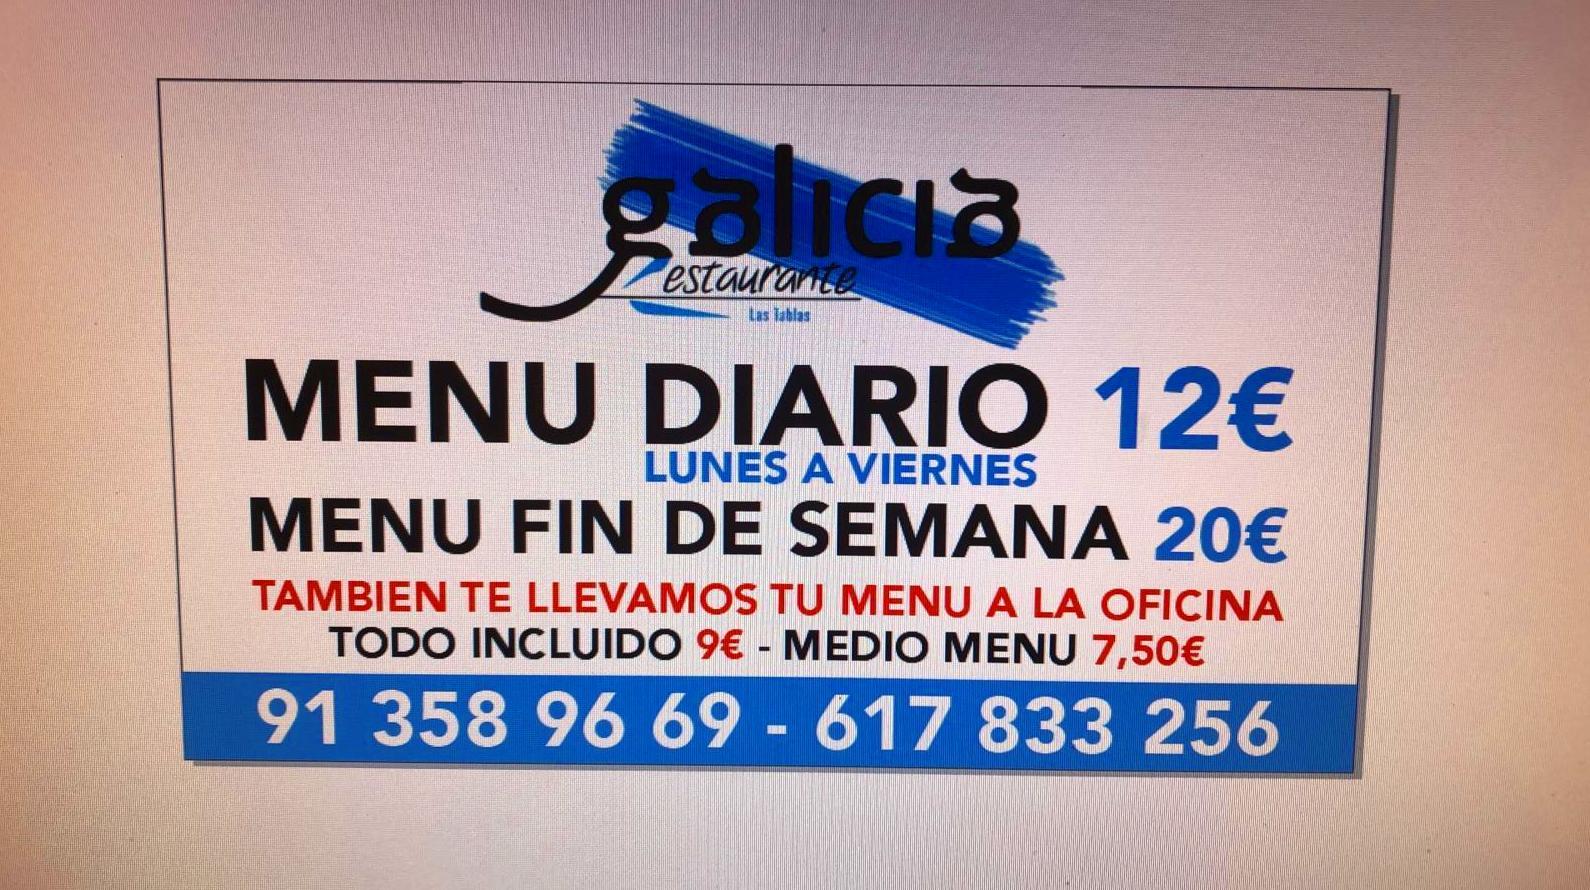 Foto 1 de Restaurante en Madrid   Restaurante Galicia Las Tablas